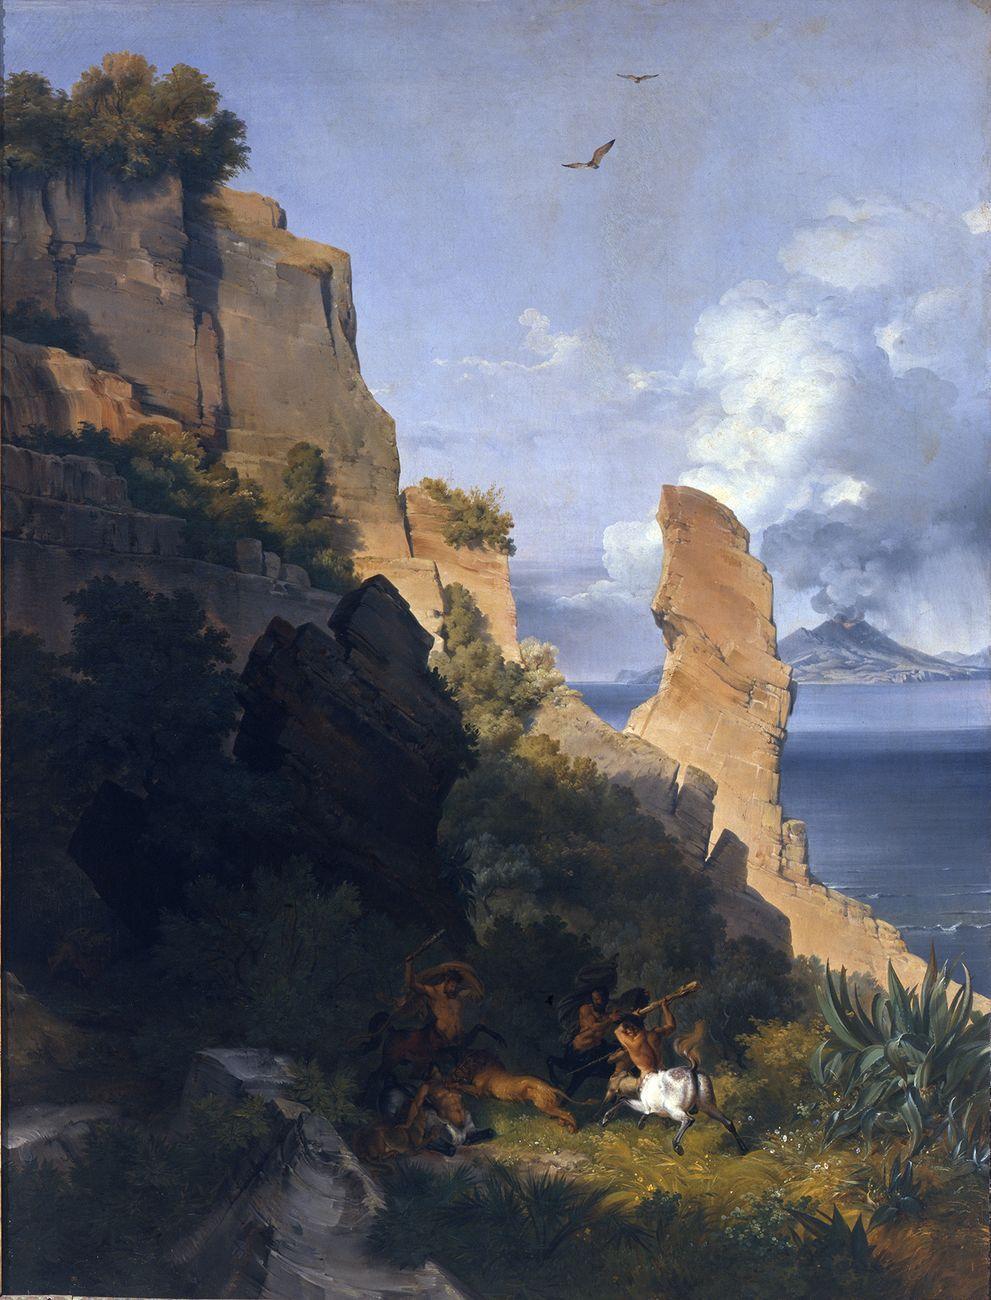 Lancelot Théodore Turpin de Crisse, Rocce sul mare con centauri, 1836. Venezia, Gallerie dell'Accademia